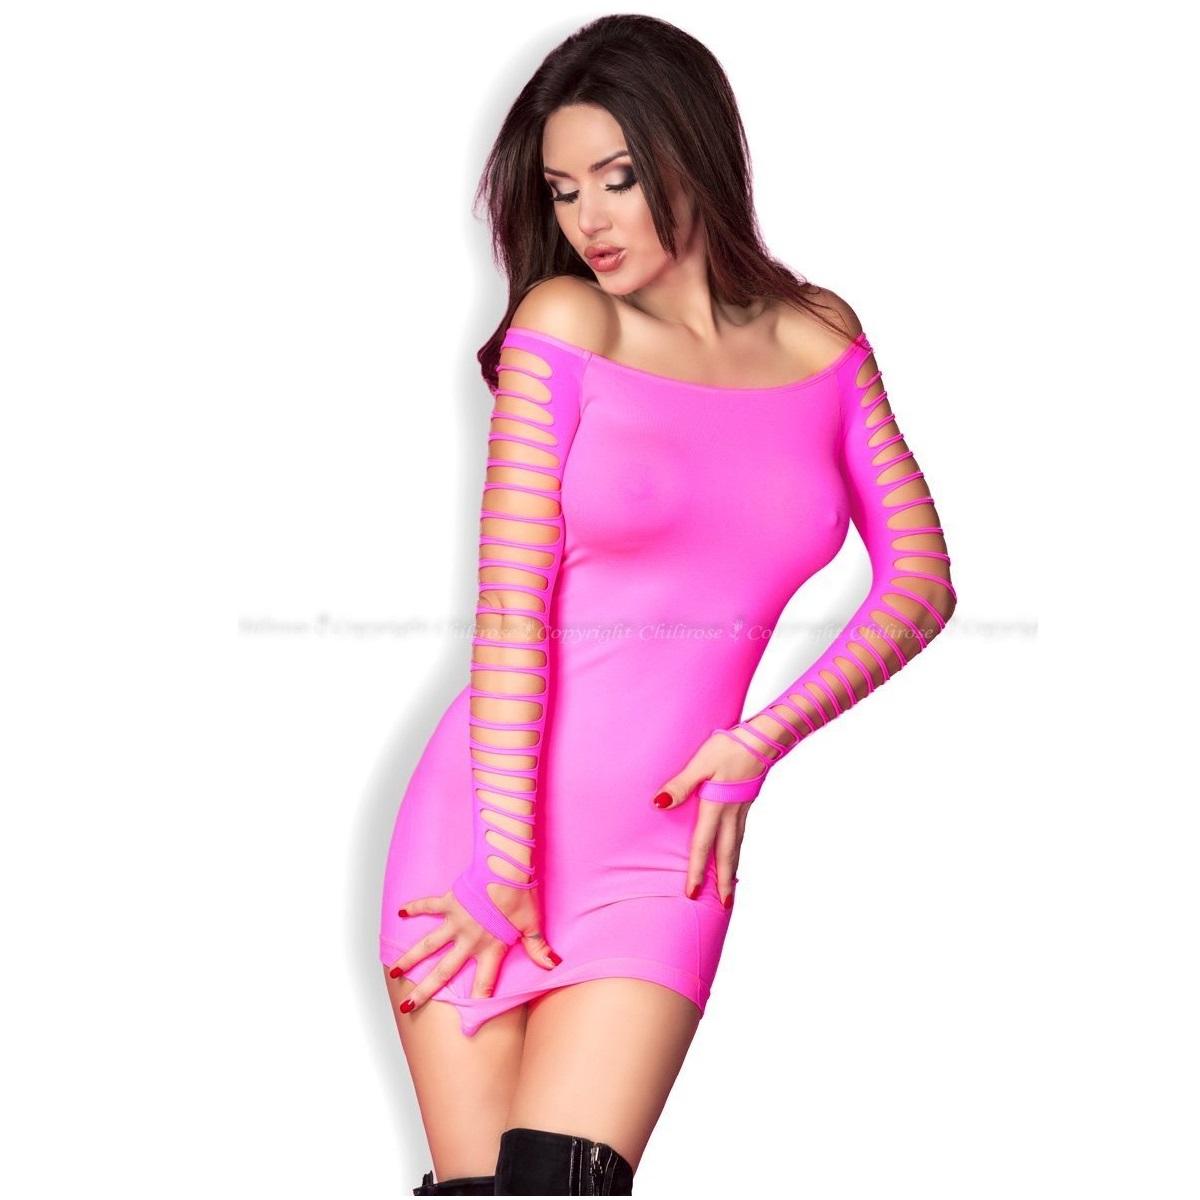 Еротична мини рокля в розов цвят – CR 3608 S/M